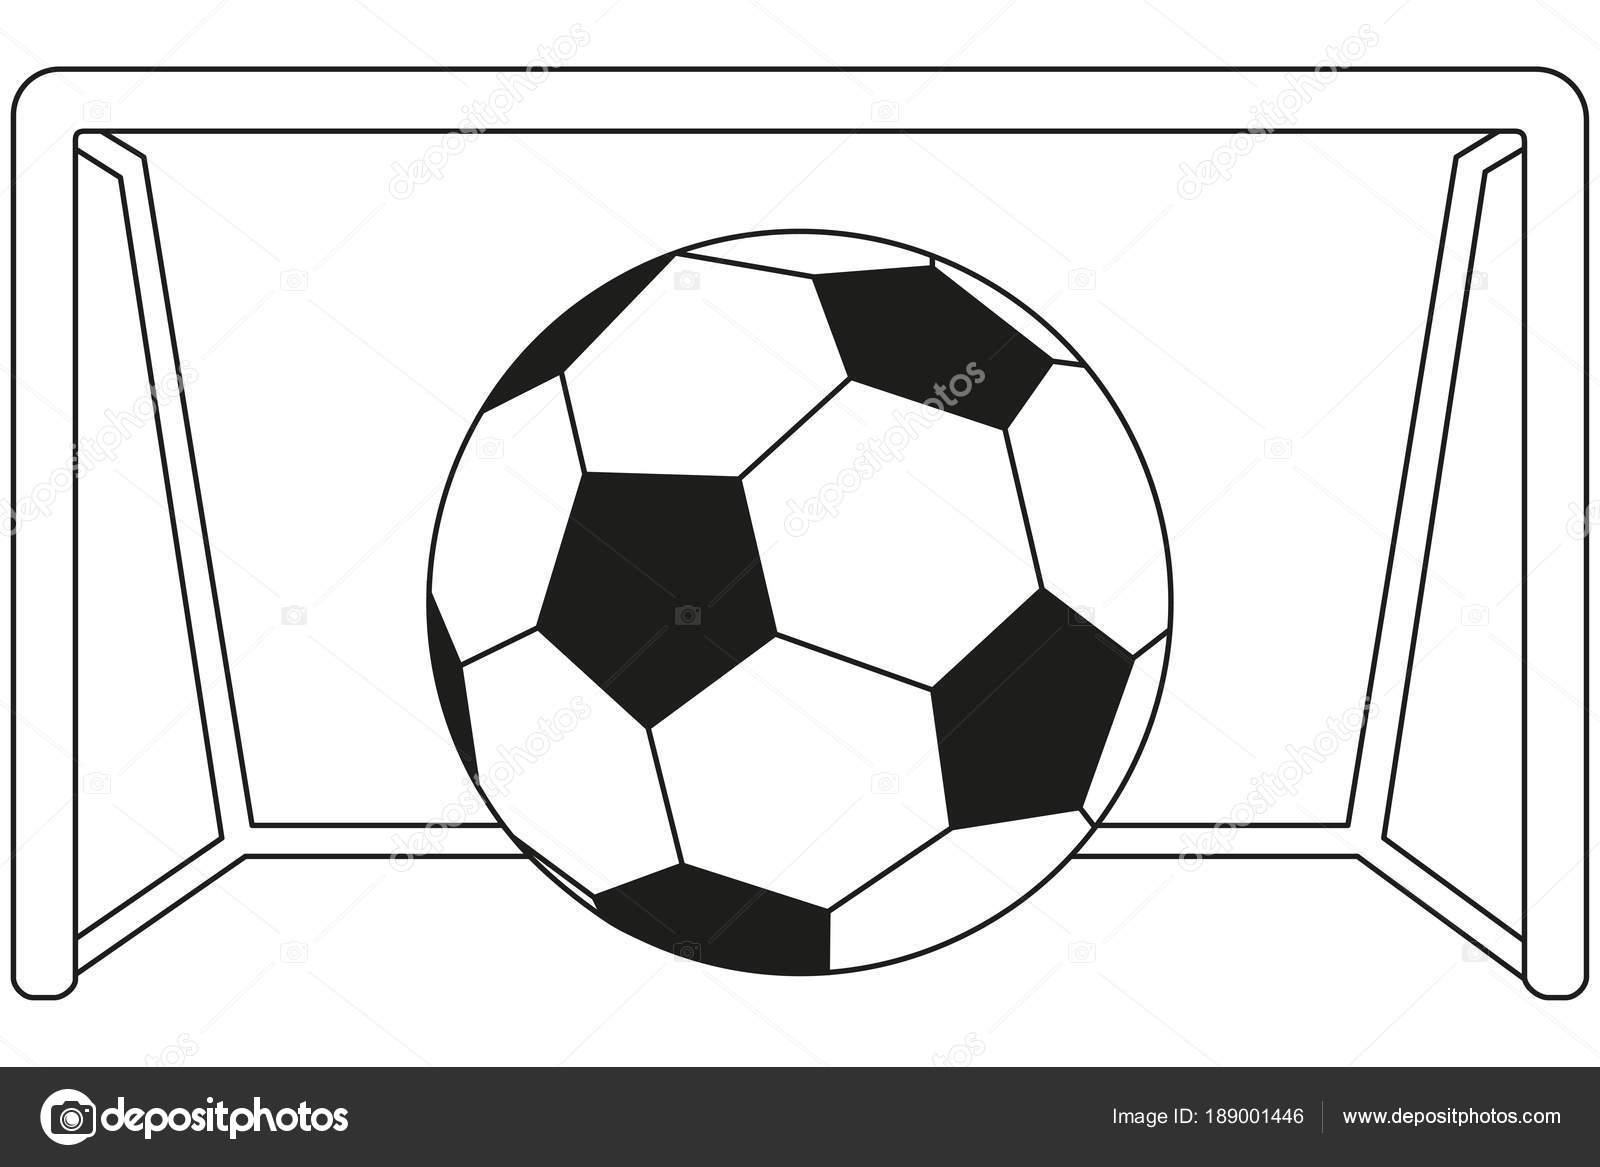 Liniensymbol Kunst Schwarz Weiss Fussball Spiel Stockvektor